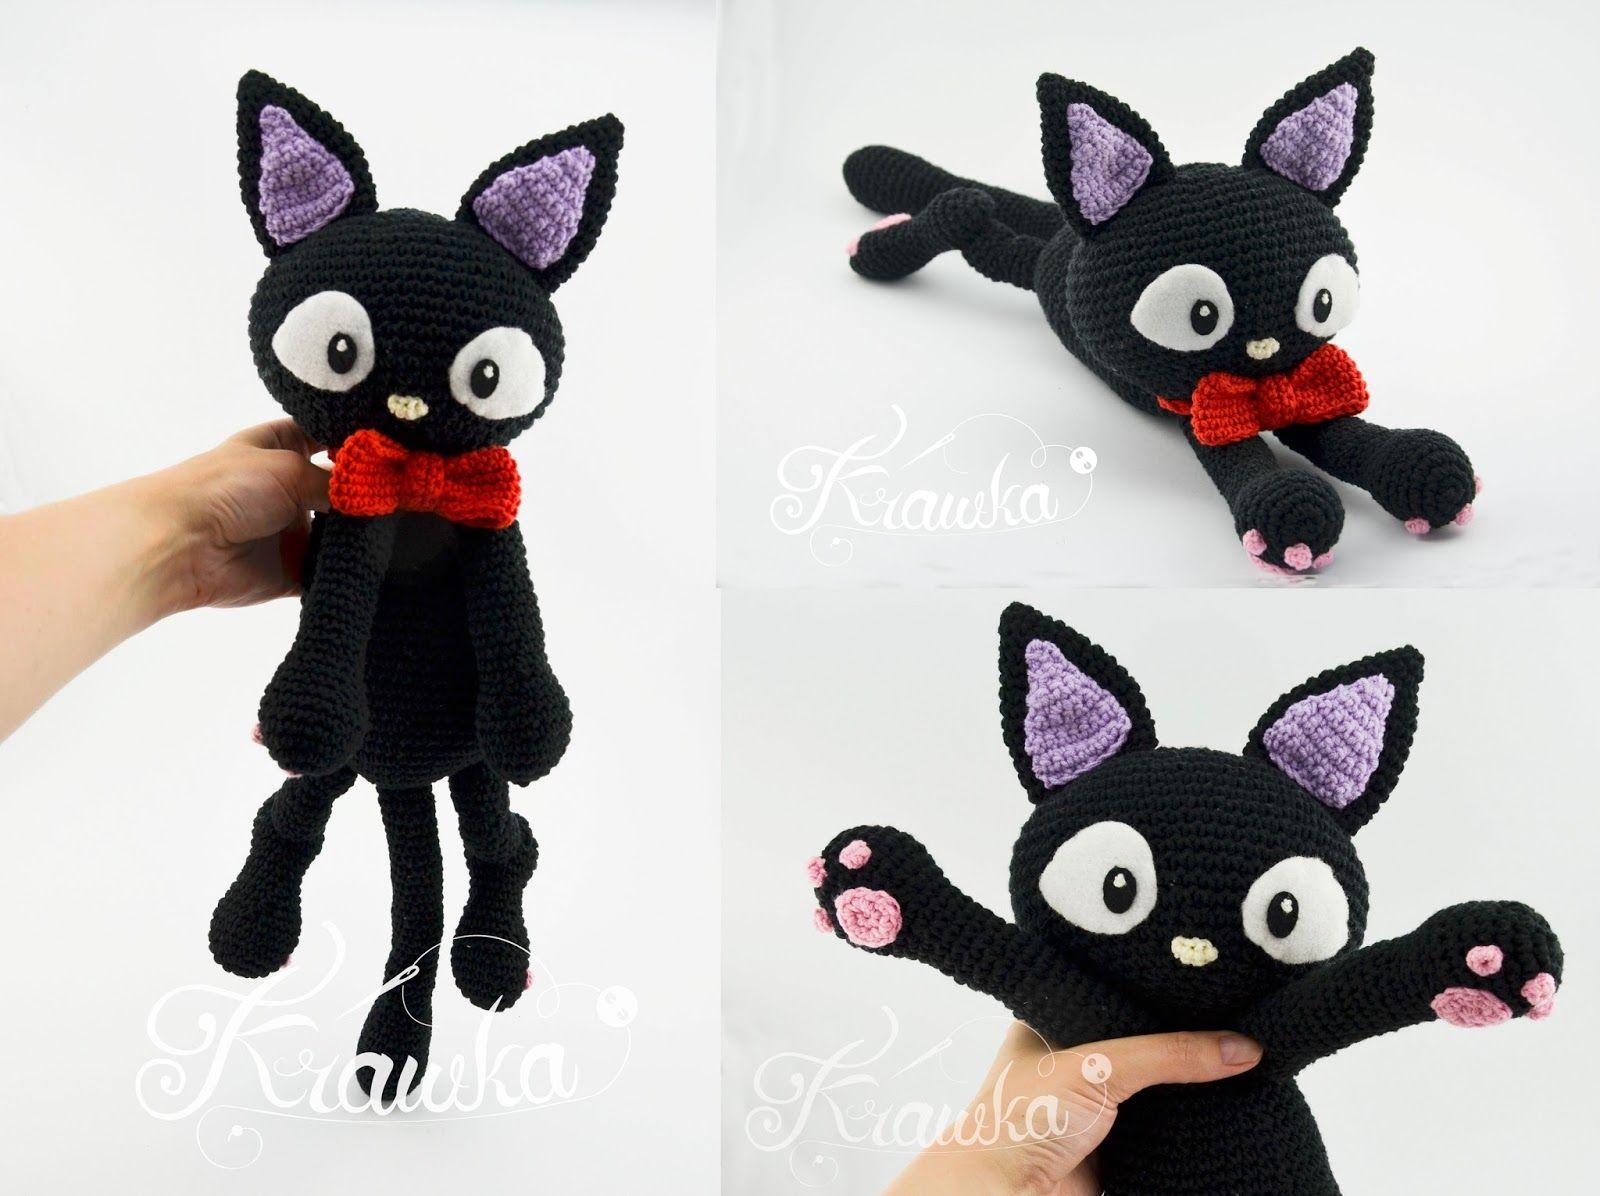 Krawka: Jiji the black cat pattern by Krawka - Kiki delivery service ...